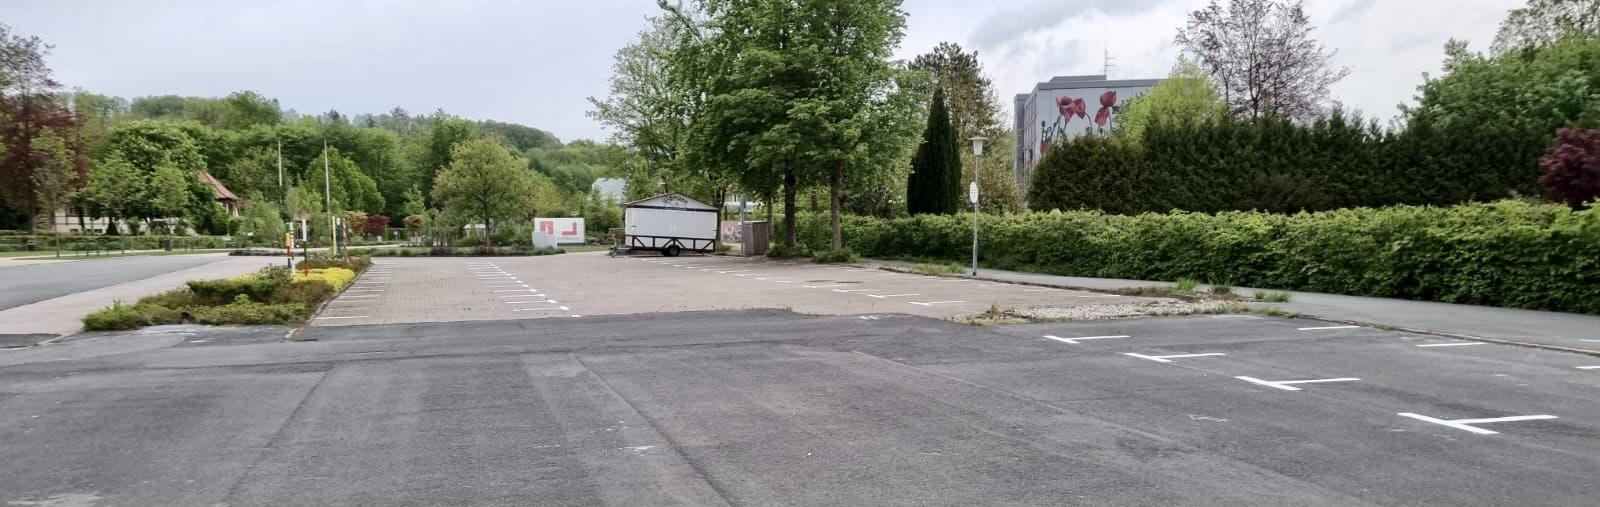 FDP lehnt Reaktivierung von Parkplätzen vor Baumwipfelpfad ab